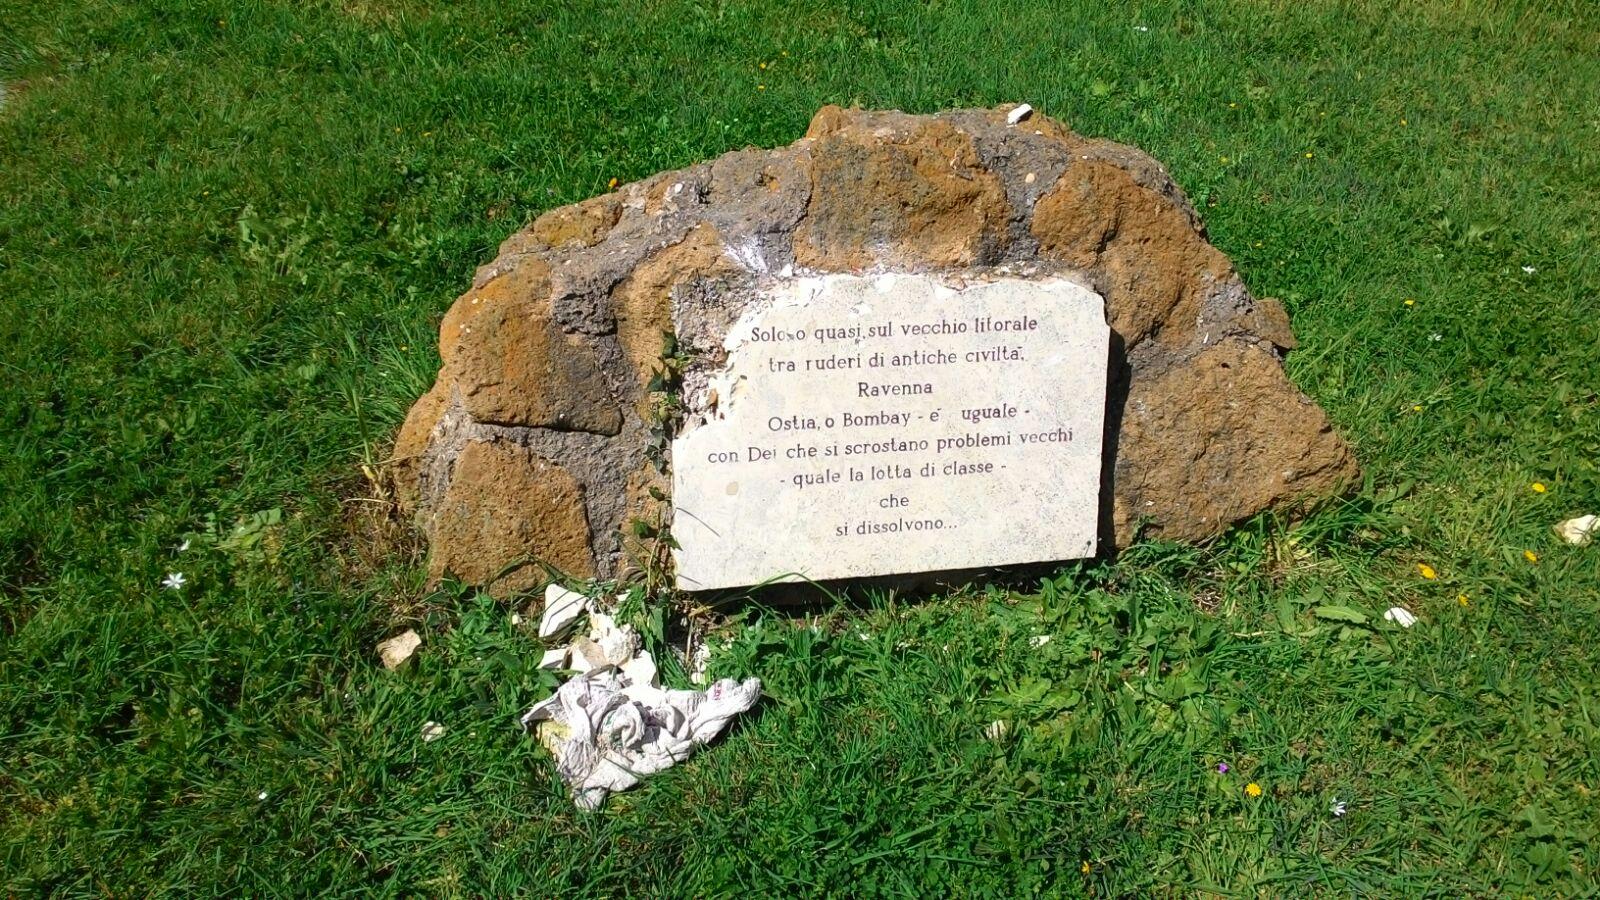 Ostia, danneggiato il monumento a Mussolini